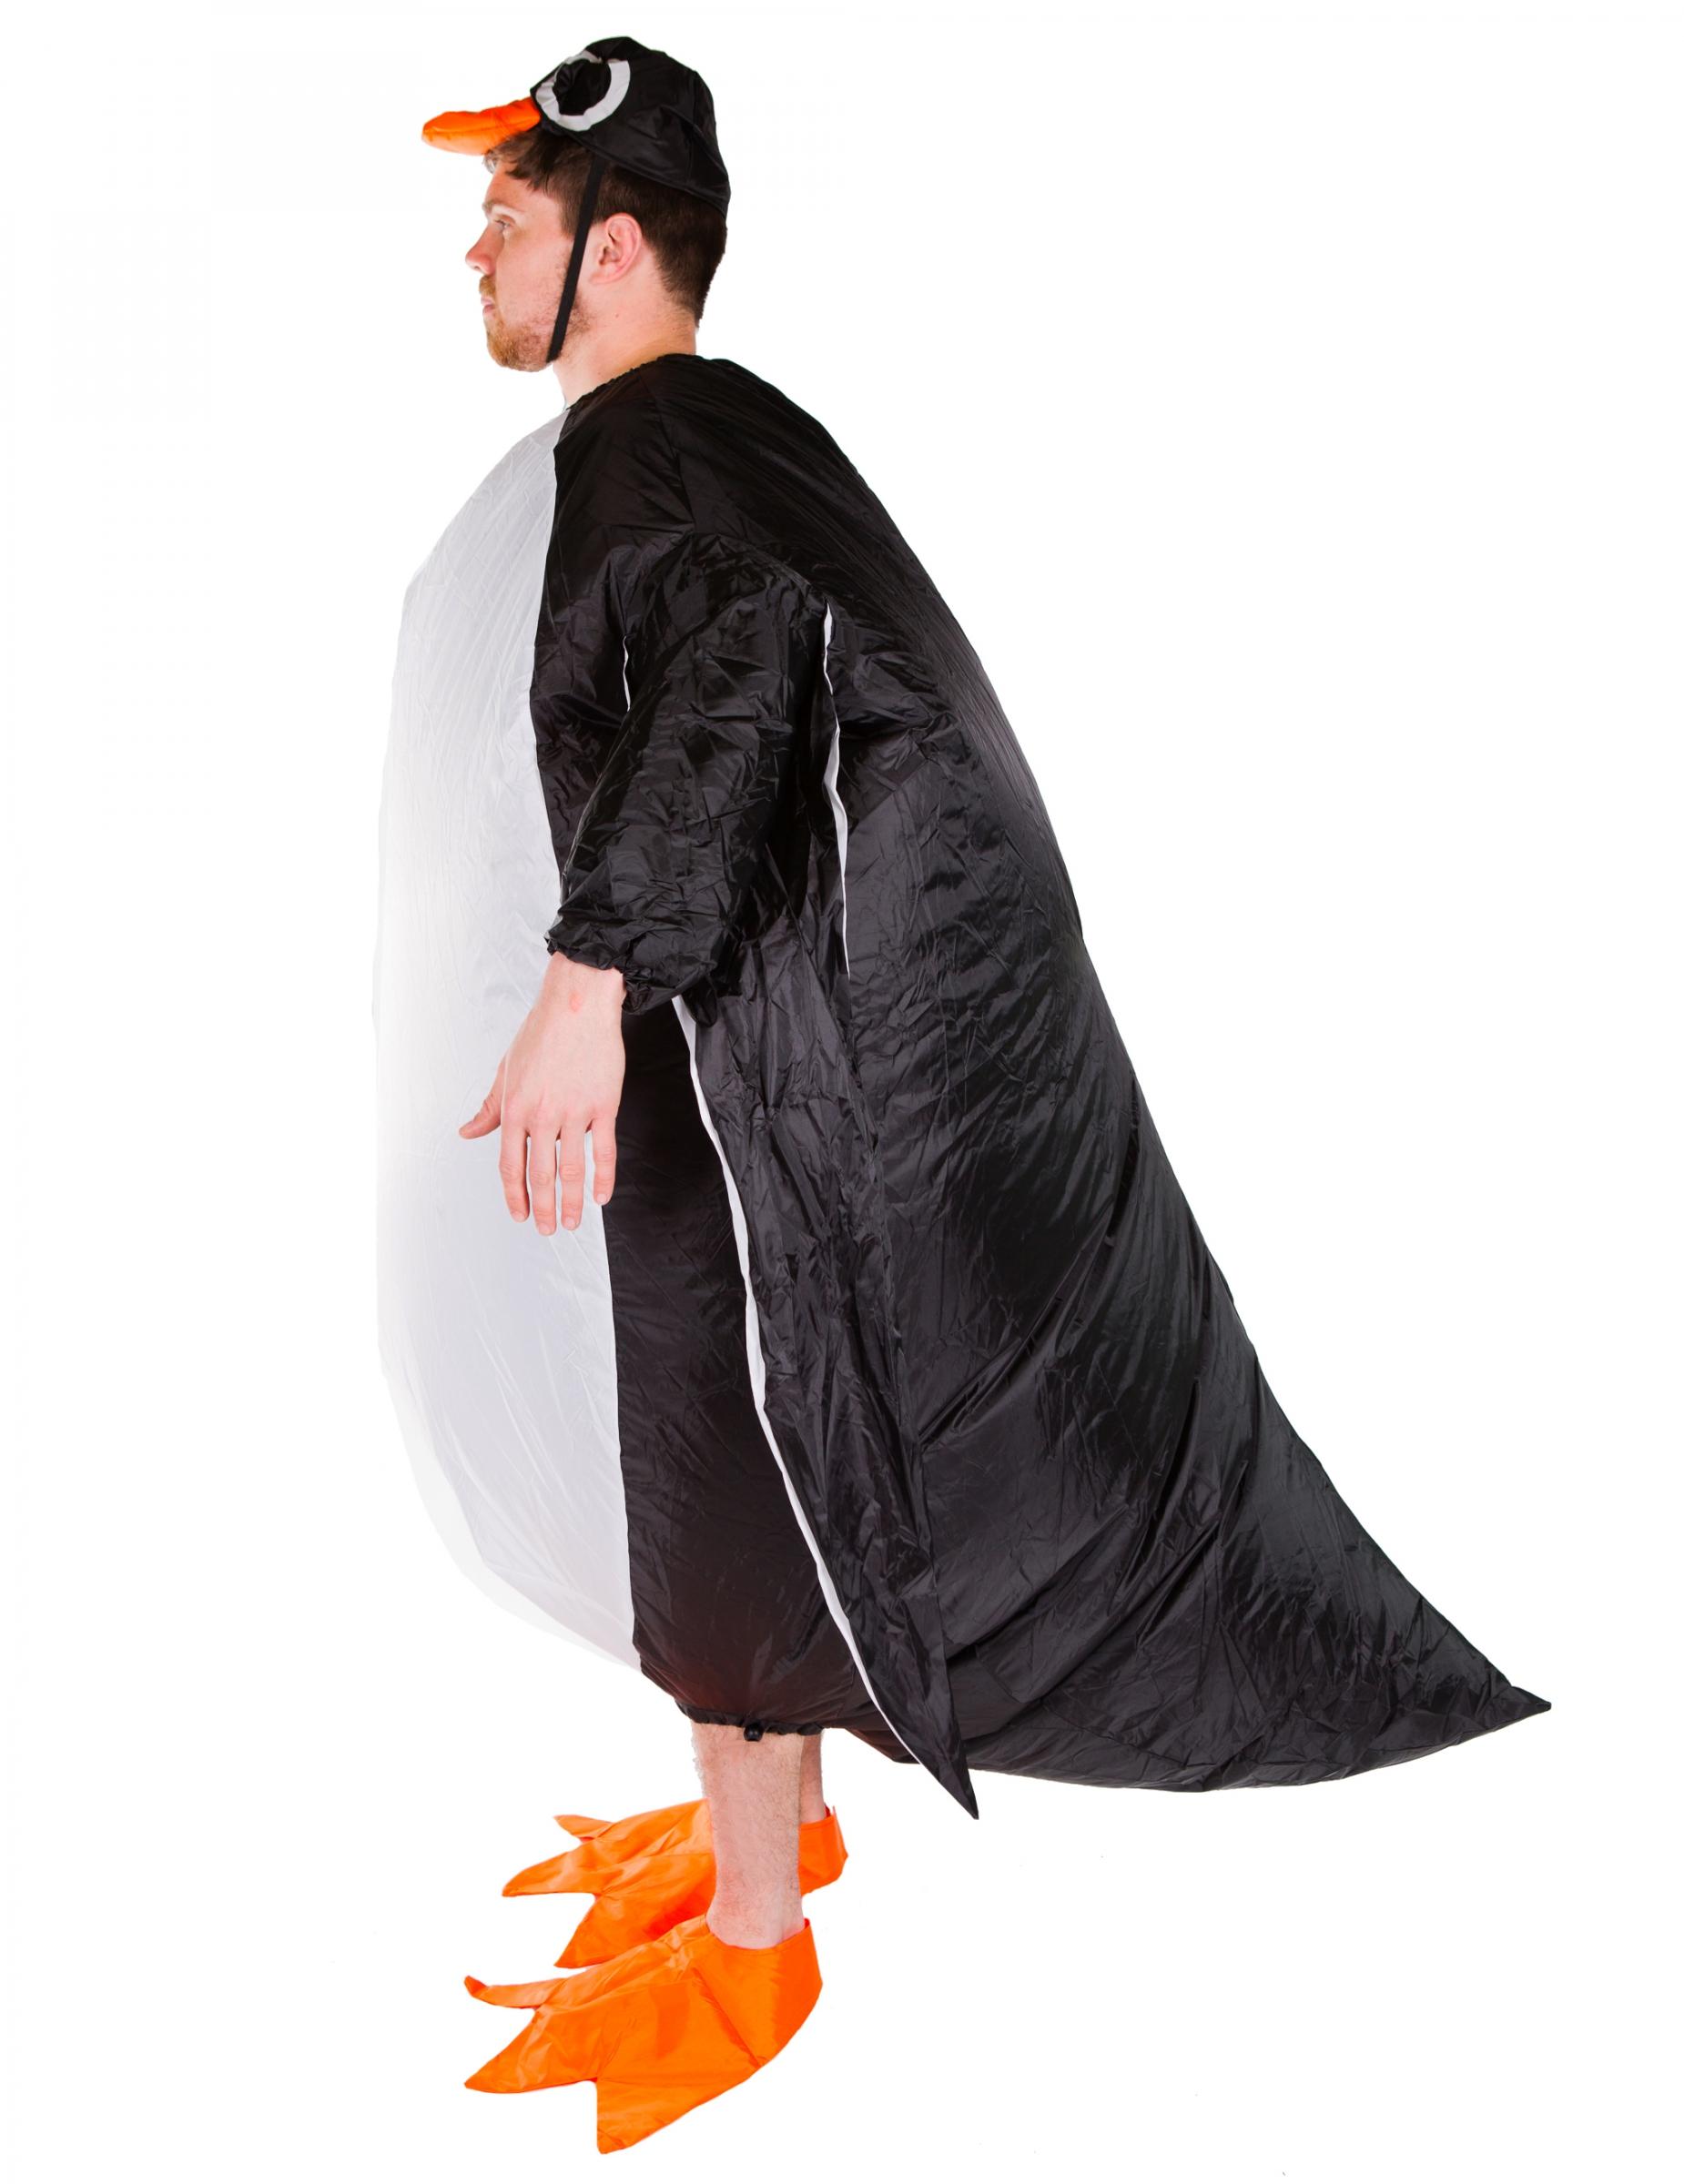 pinguin kost m aufblasbar f r erwachsene schwarz weiss kost me f r erwachsene und g nstige. Black Bedroom Furniture Sets. Home Design Ideas